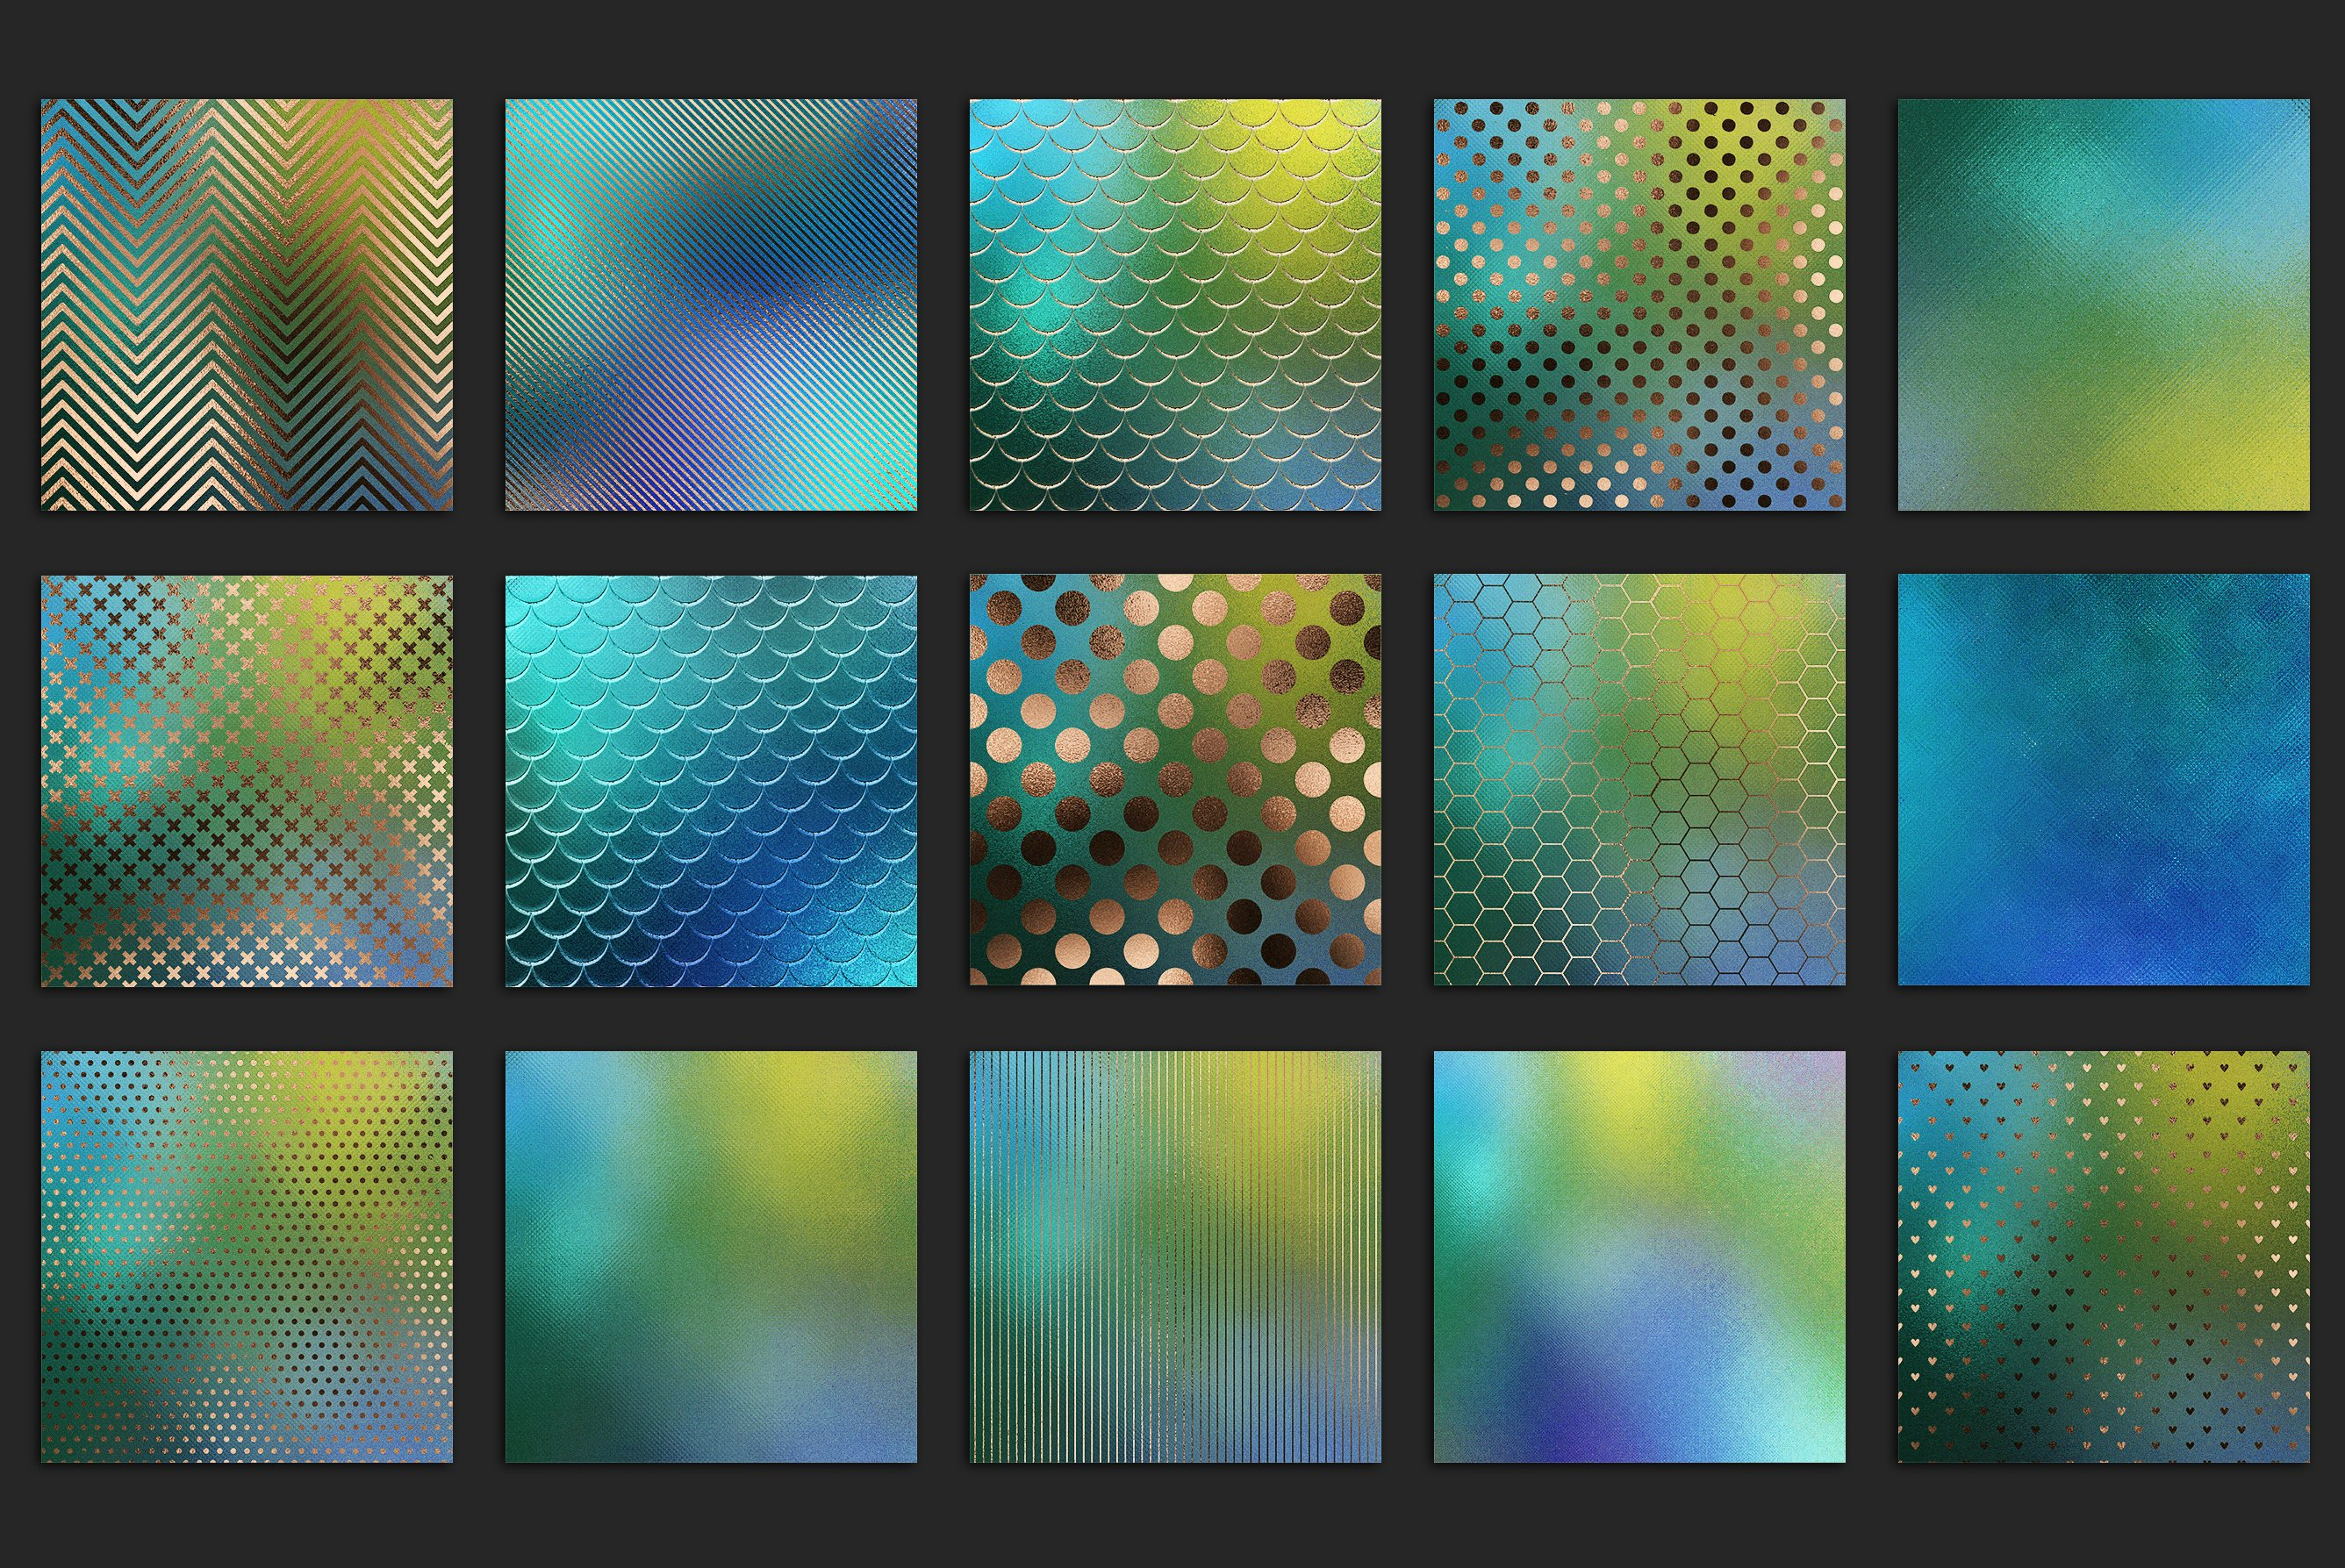 20款蓝绿色虹彩金箔纸纹理海报设计背景图片素材 Iridescent Gold Foil Textures插图4